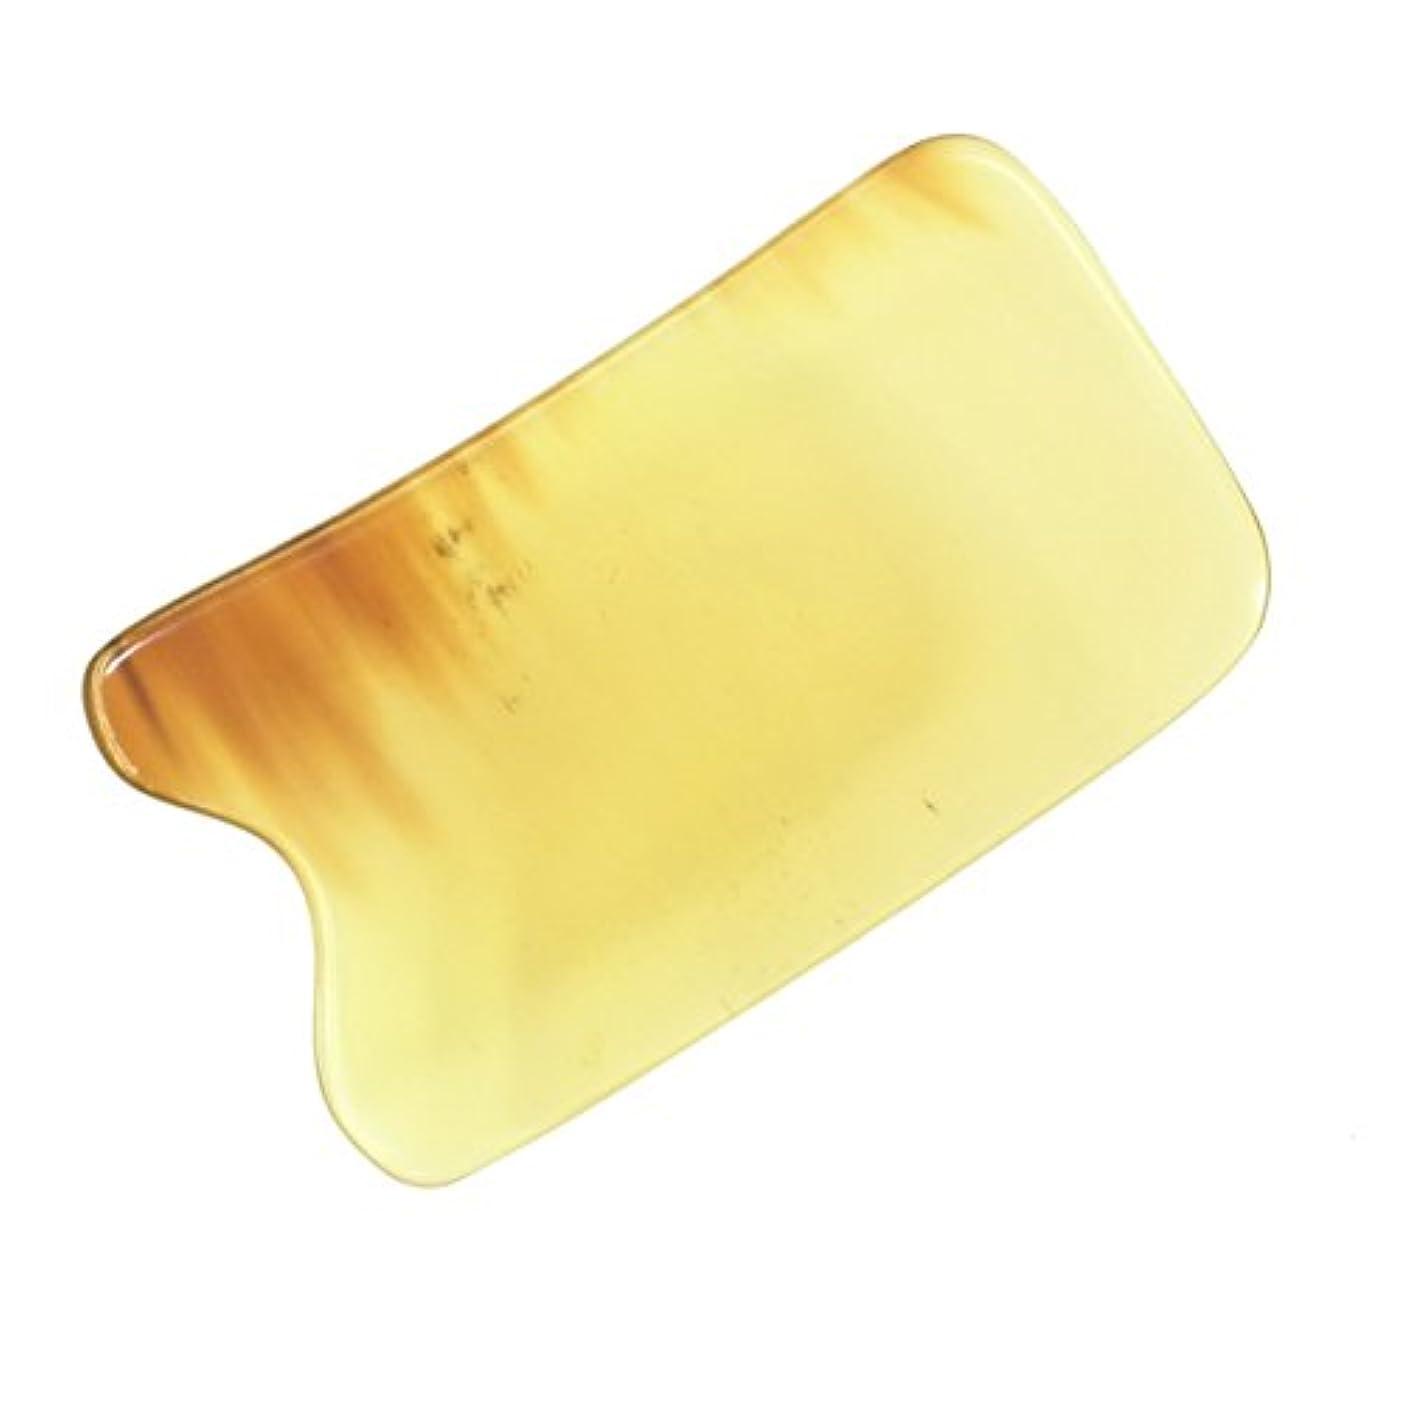 解き明かす確認してください自治かっさ プレート 厚さが選べる 水牛の角(黄水牛角) EHE219 四角凹 一般品 少し薄め (4ミリ程度)